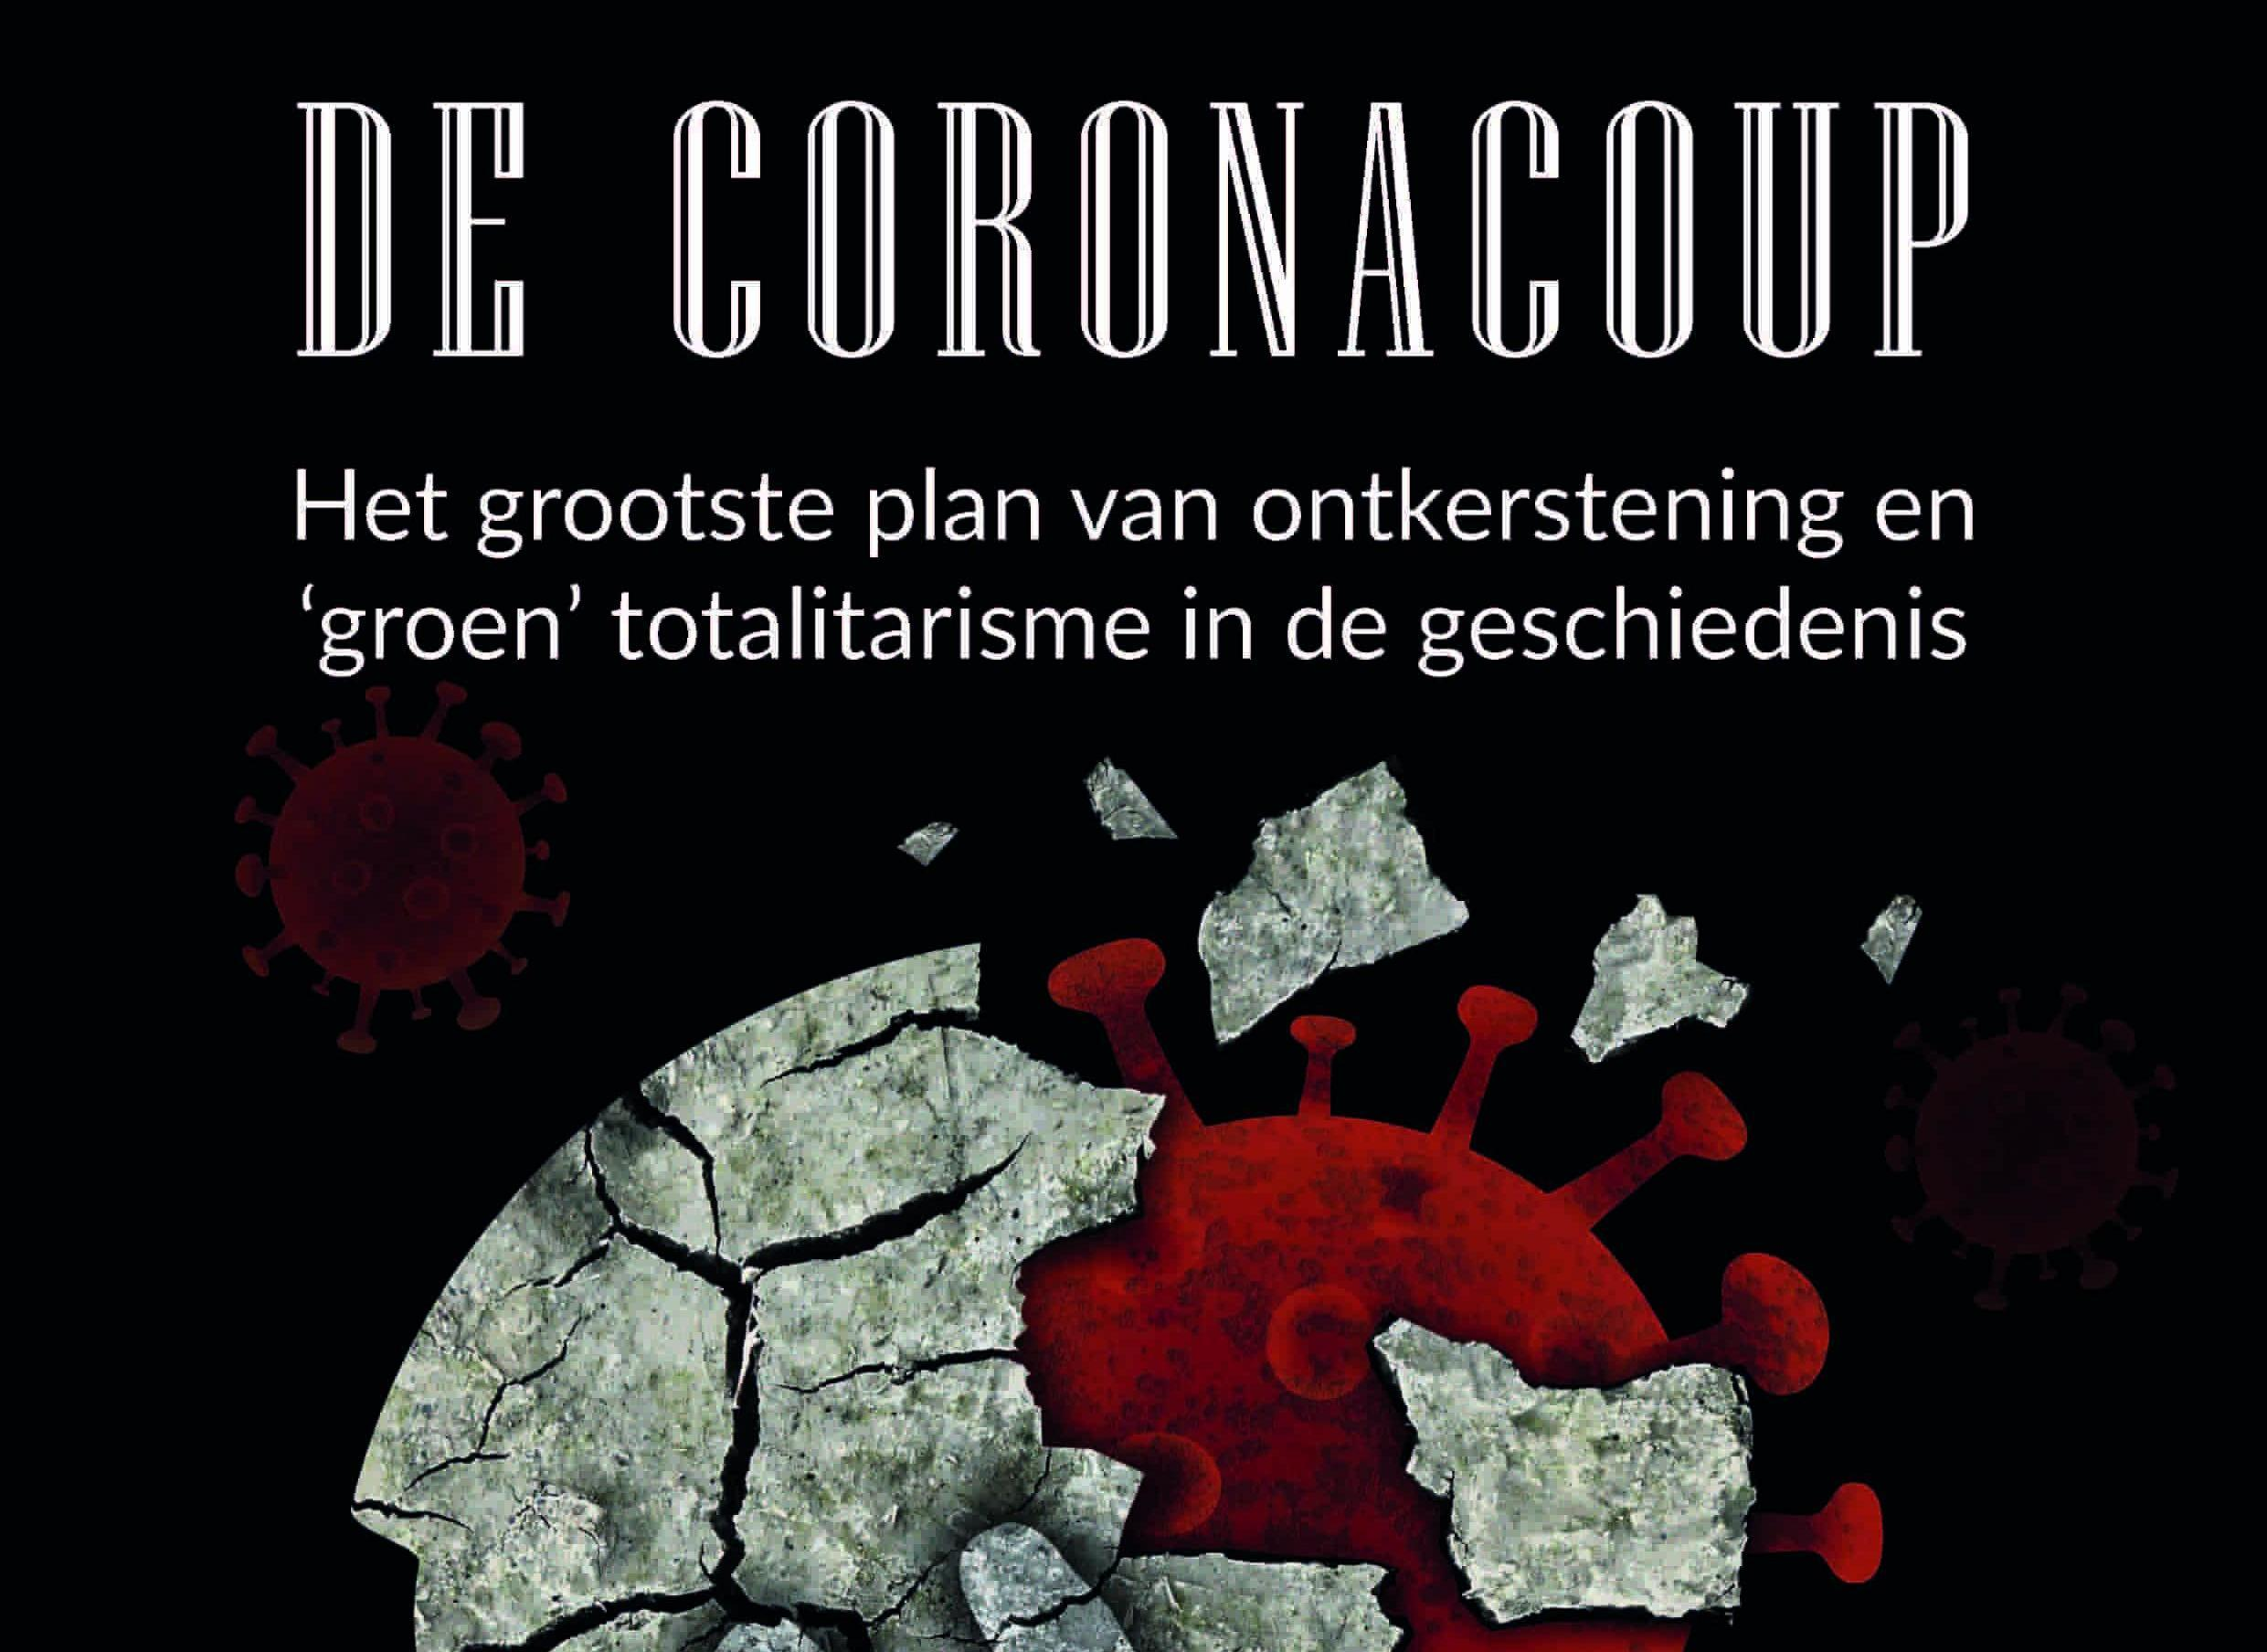 De coronacoup (1)